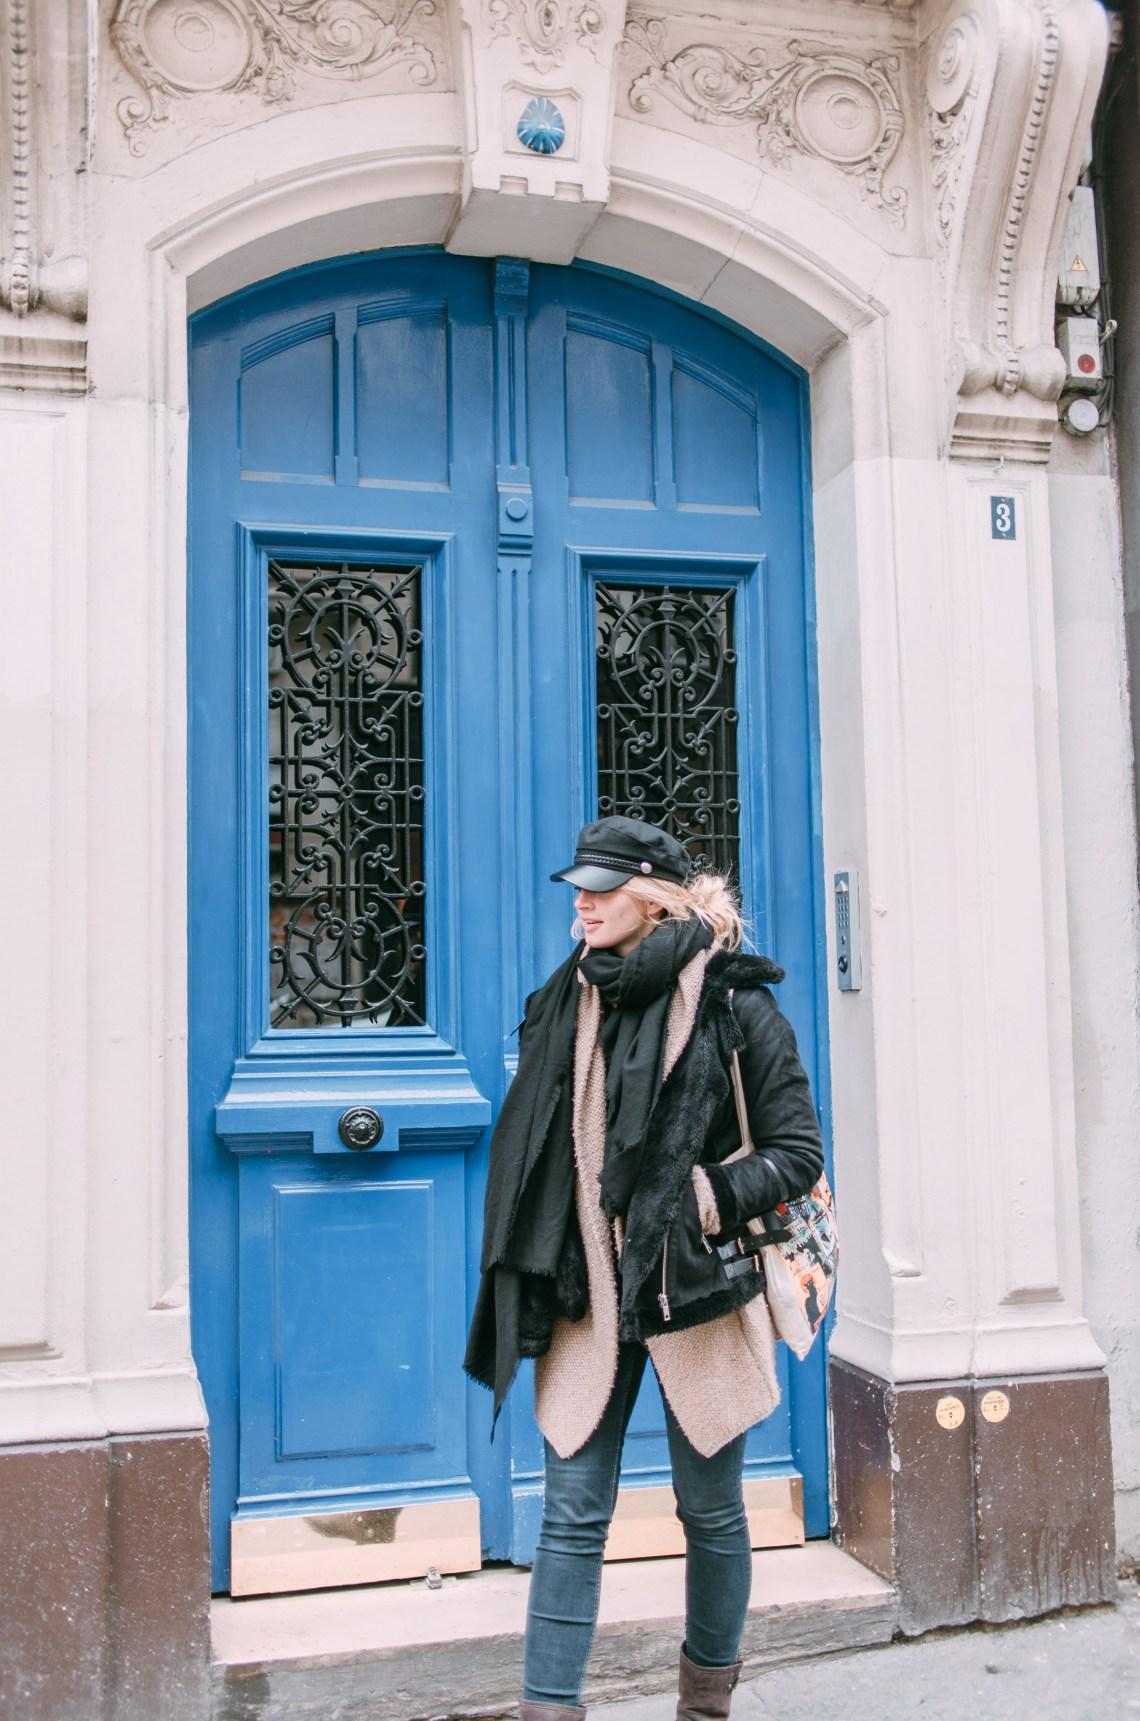 Doors in Paris Worldsessed.com